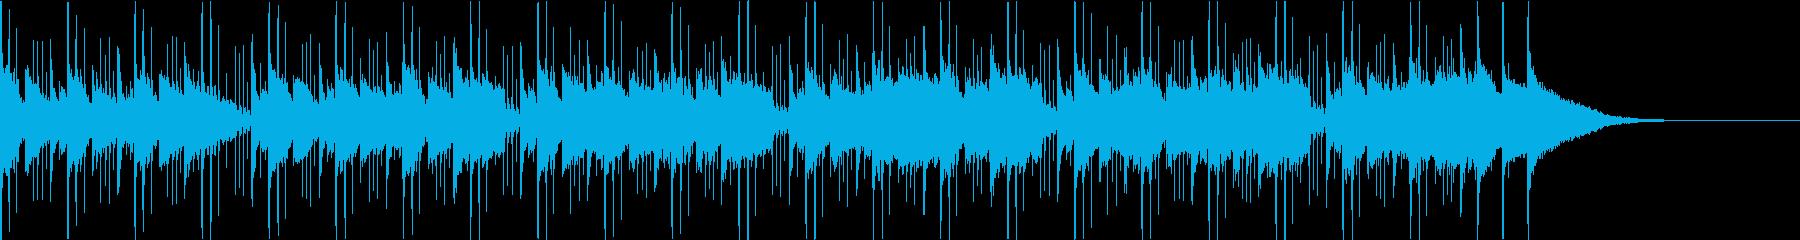 Pf「予感」和風現代ジャズの再生済みの波形